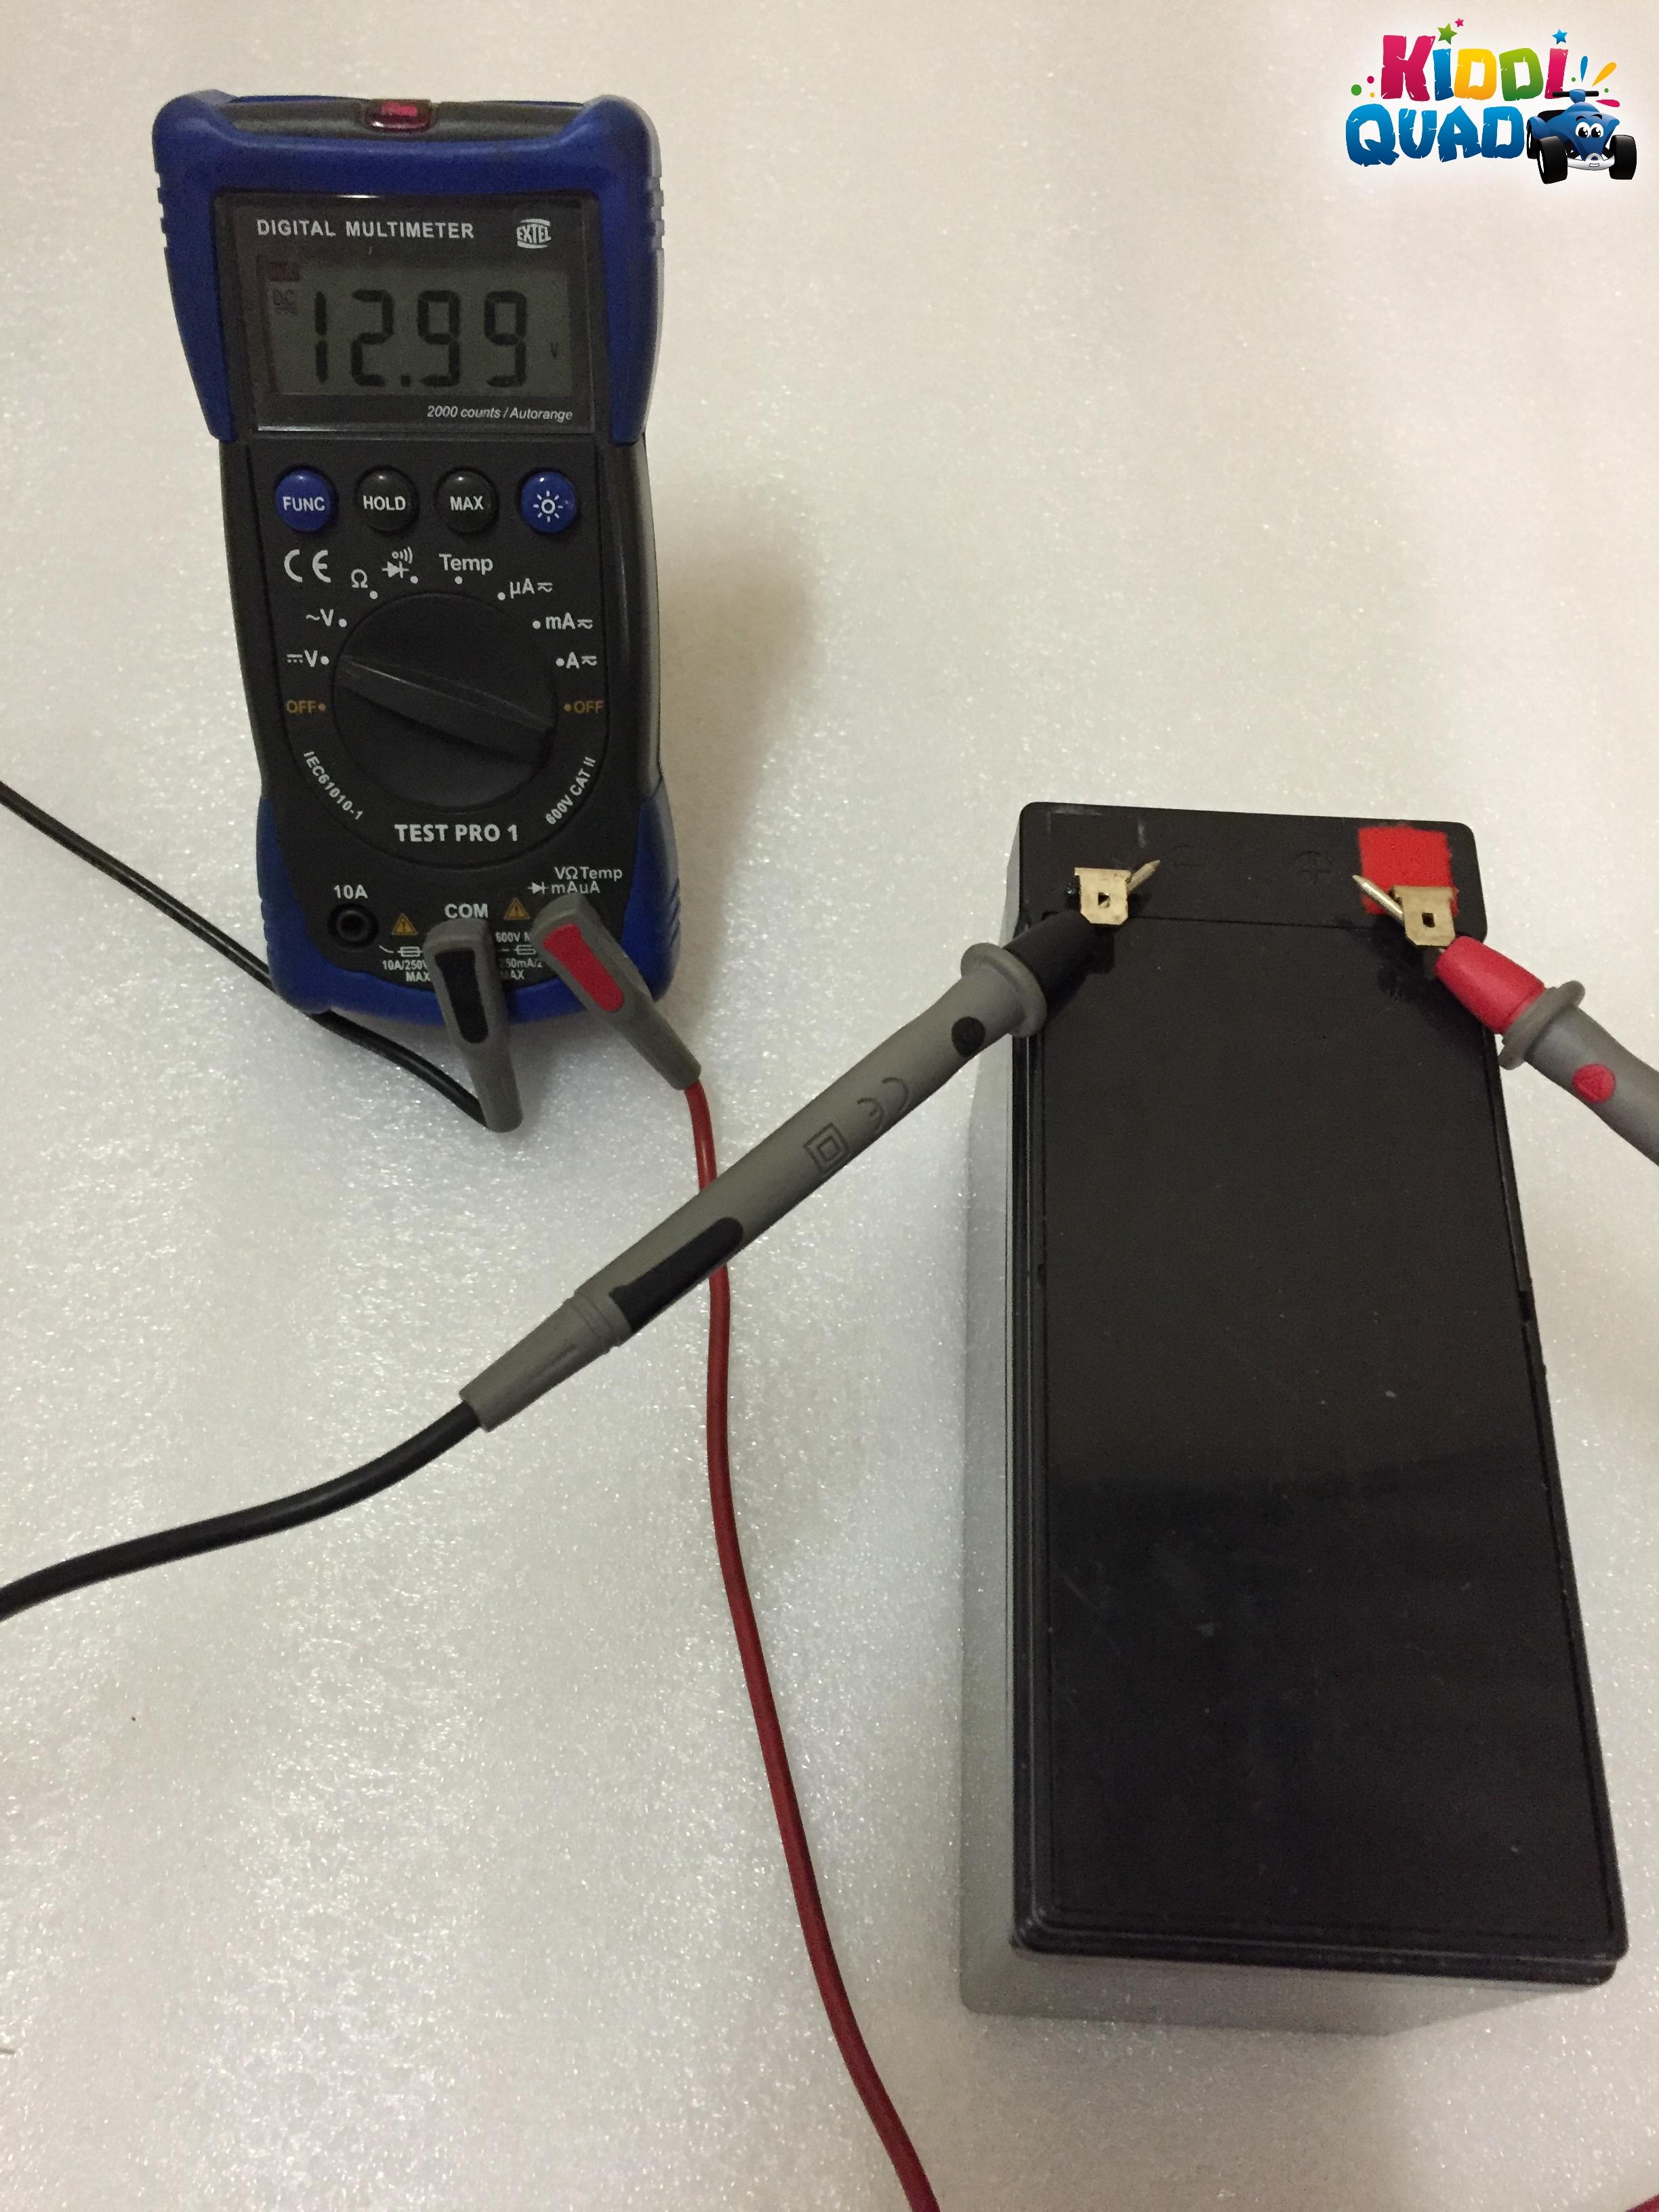 tester batterie 6volts 12 volts voiture lectrique enfant blog kiddiquad. Black Bedroom Furniture Sets. Home Design Ideas